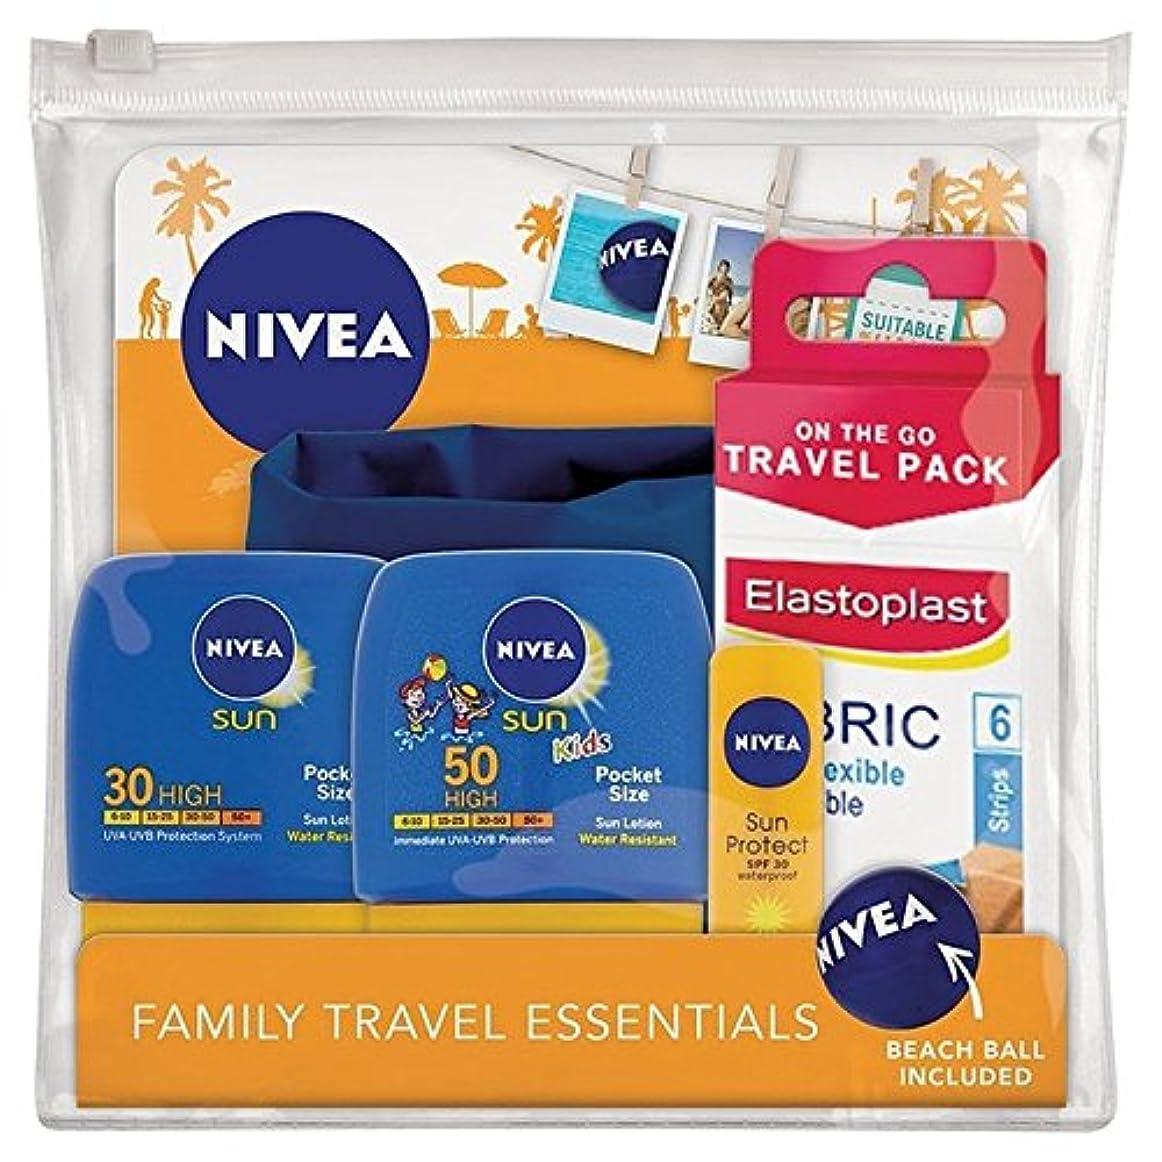 発見する真実にプライムニベア日旅行パック x2 - Nivea Sun Travel Pack (Pack of 2) [並行輸入品]